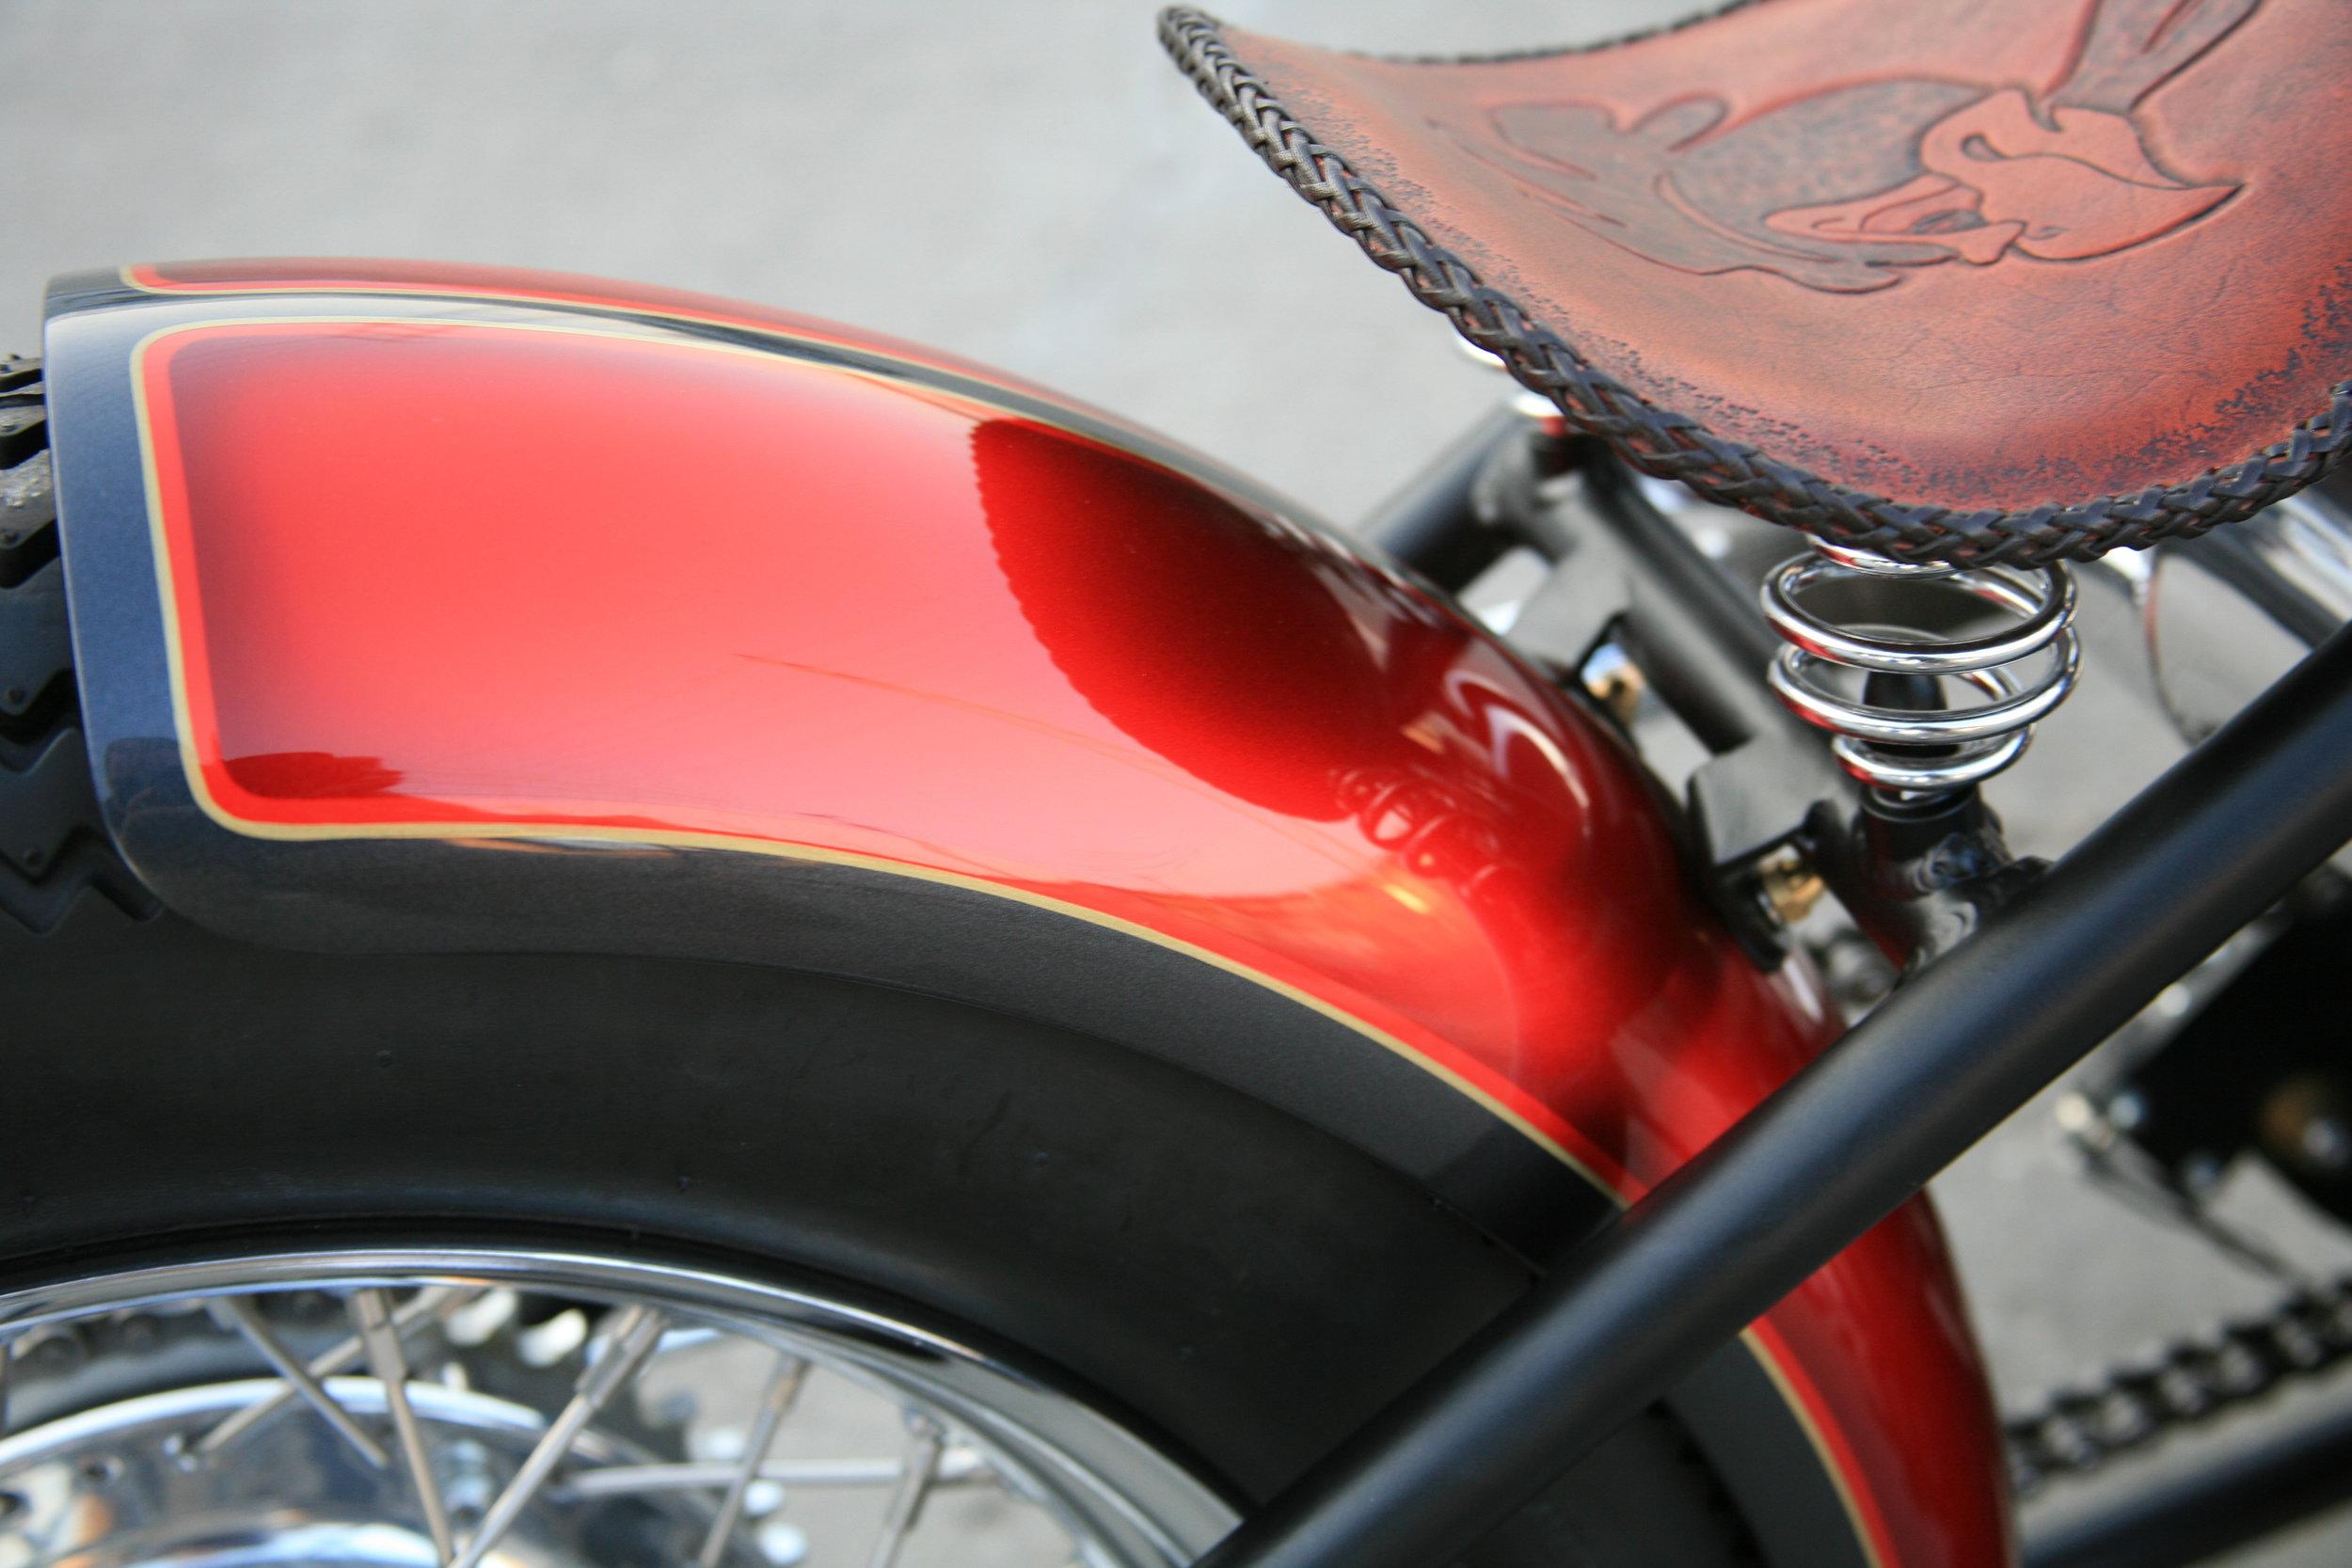 Back end of custom chopper